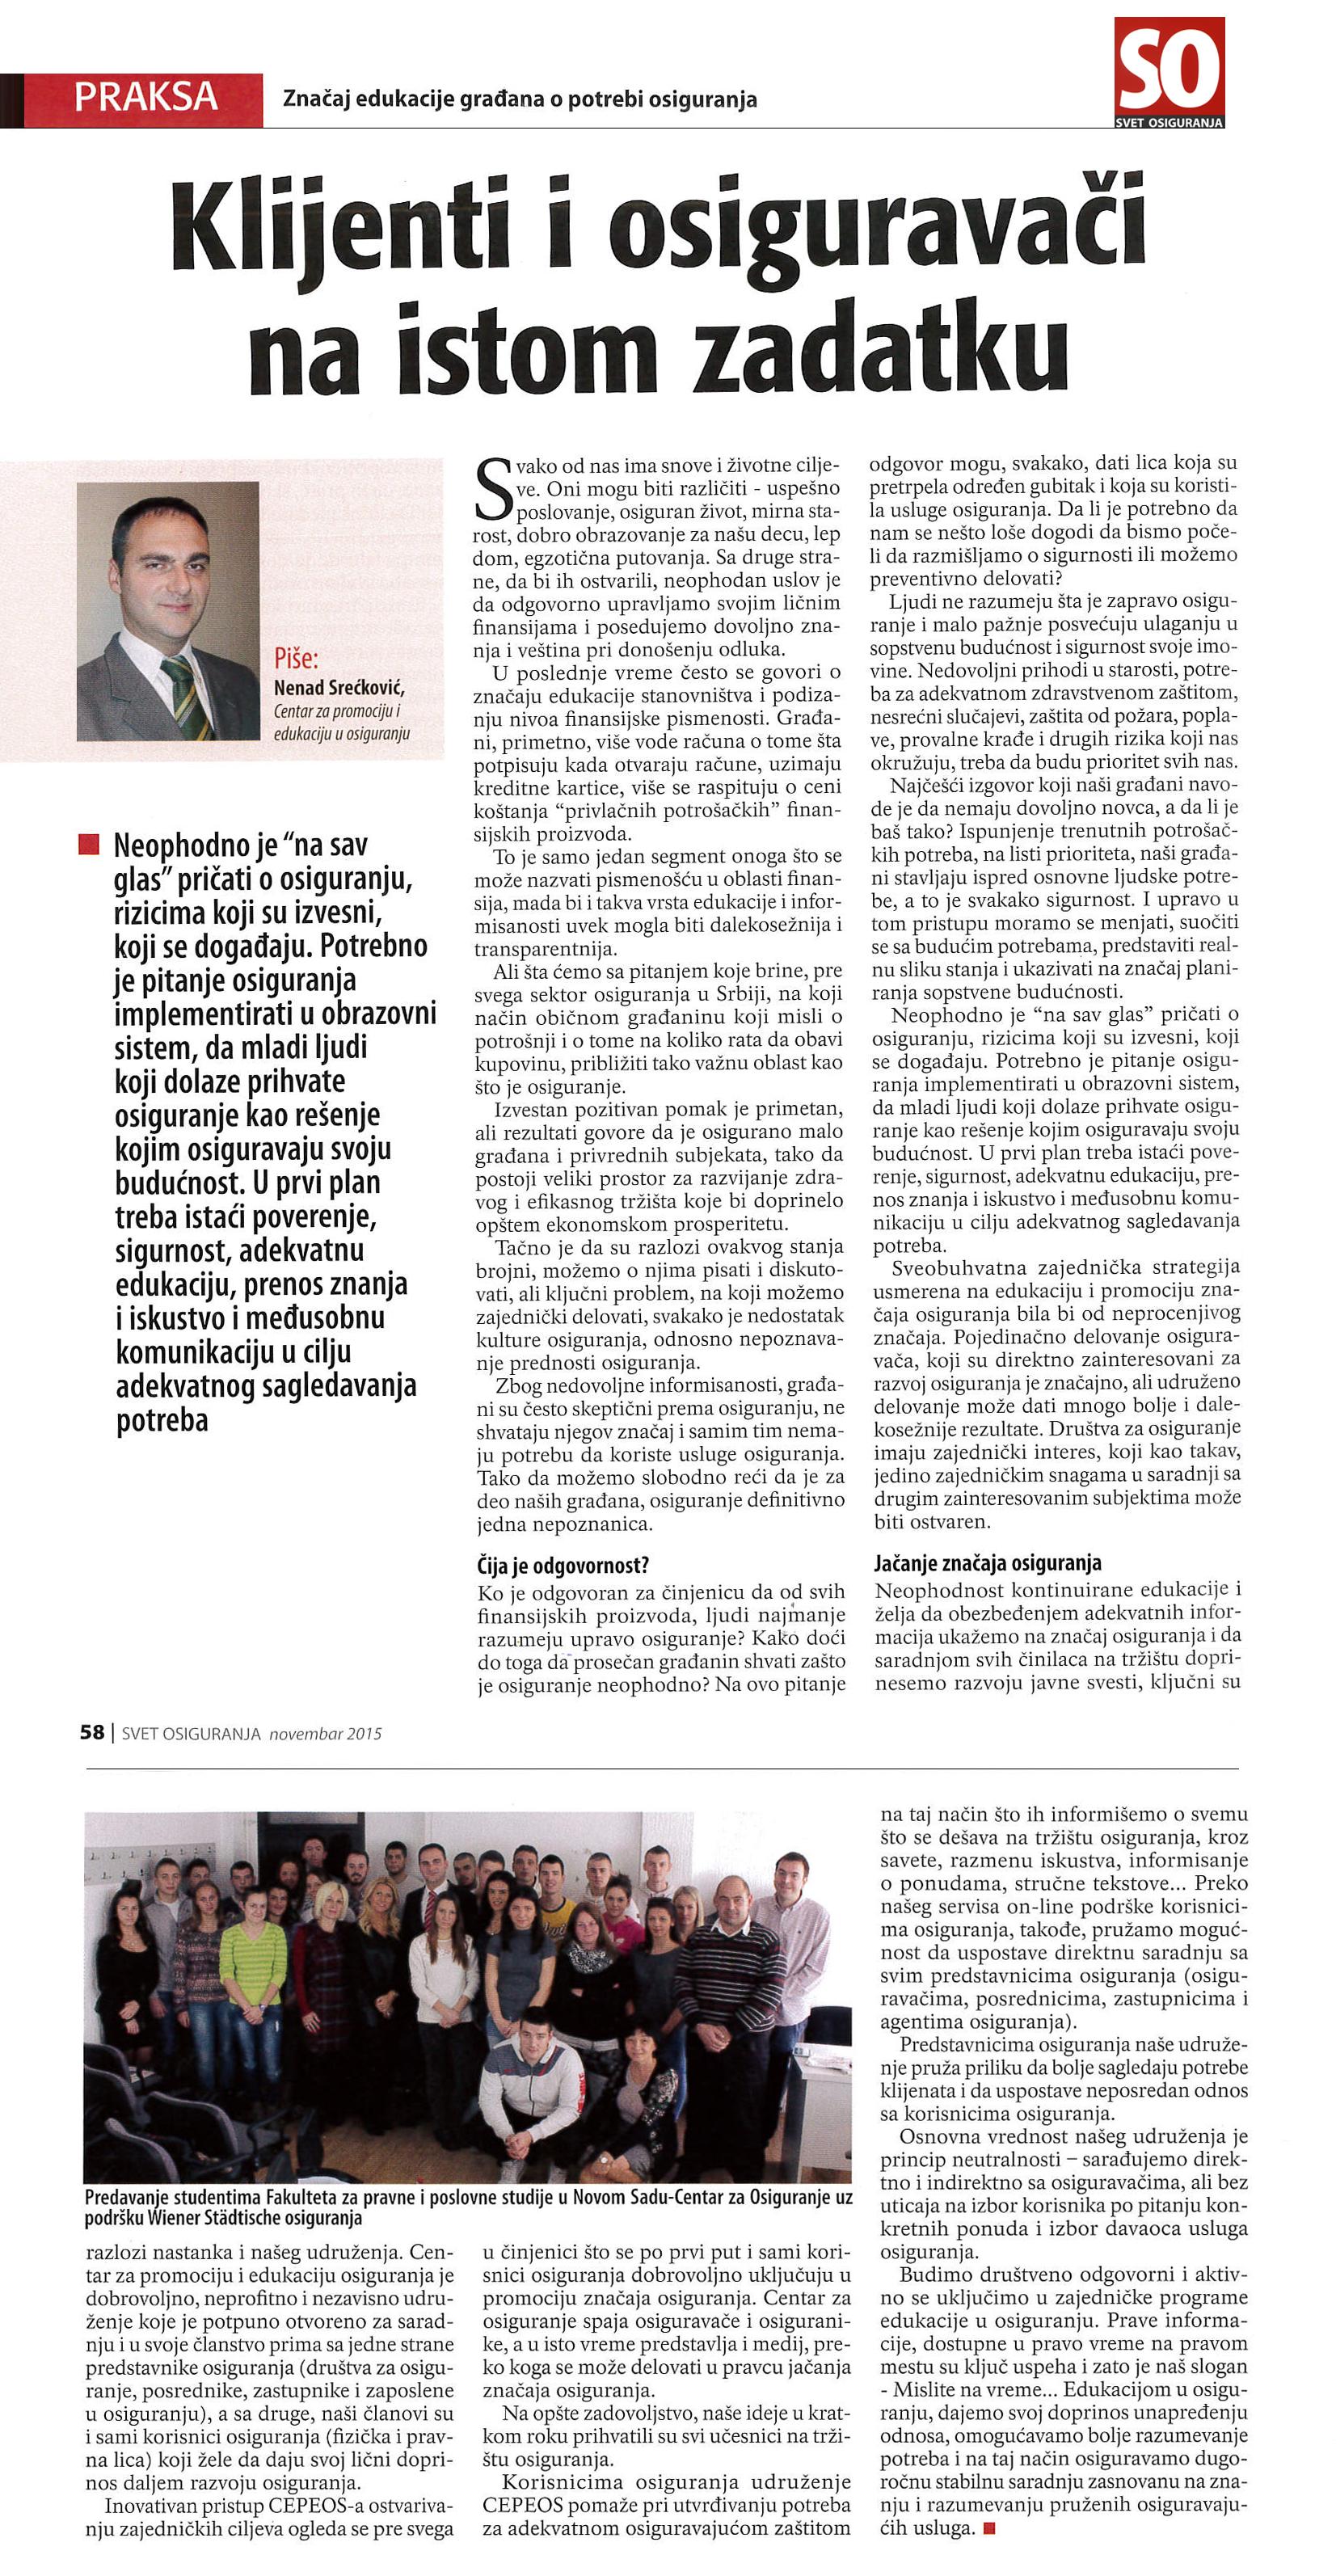 nenad-sreckovic-centar-za-osiguranje-značaj-edukacije-građana-o-potrebi-osiguranja-svet-osiguranja-2015